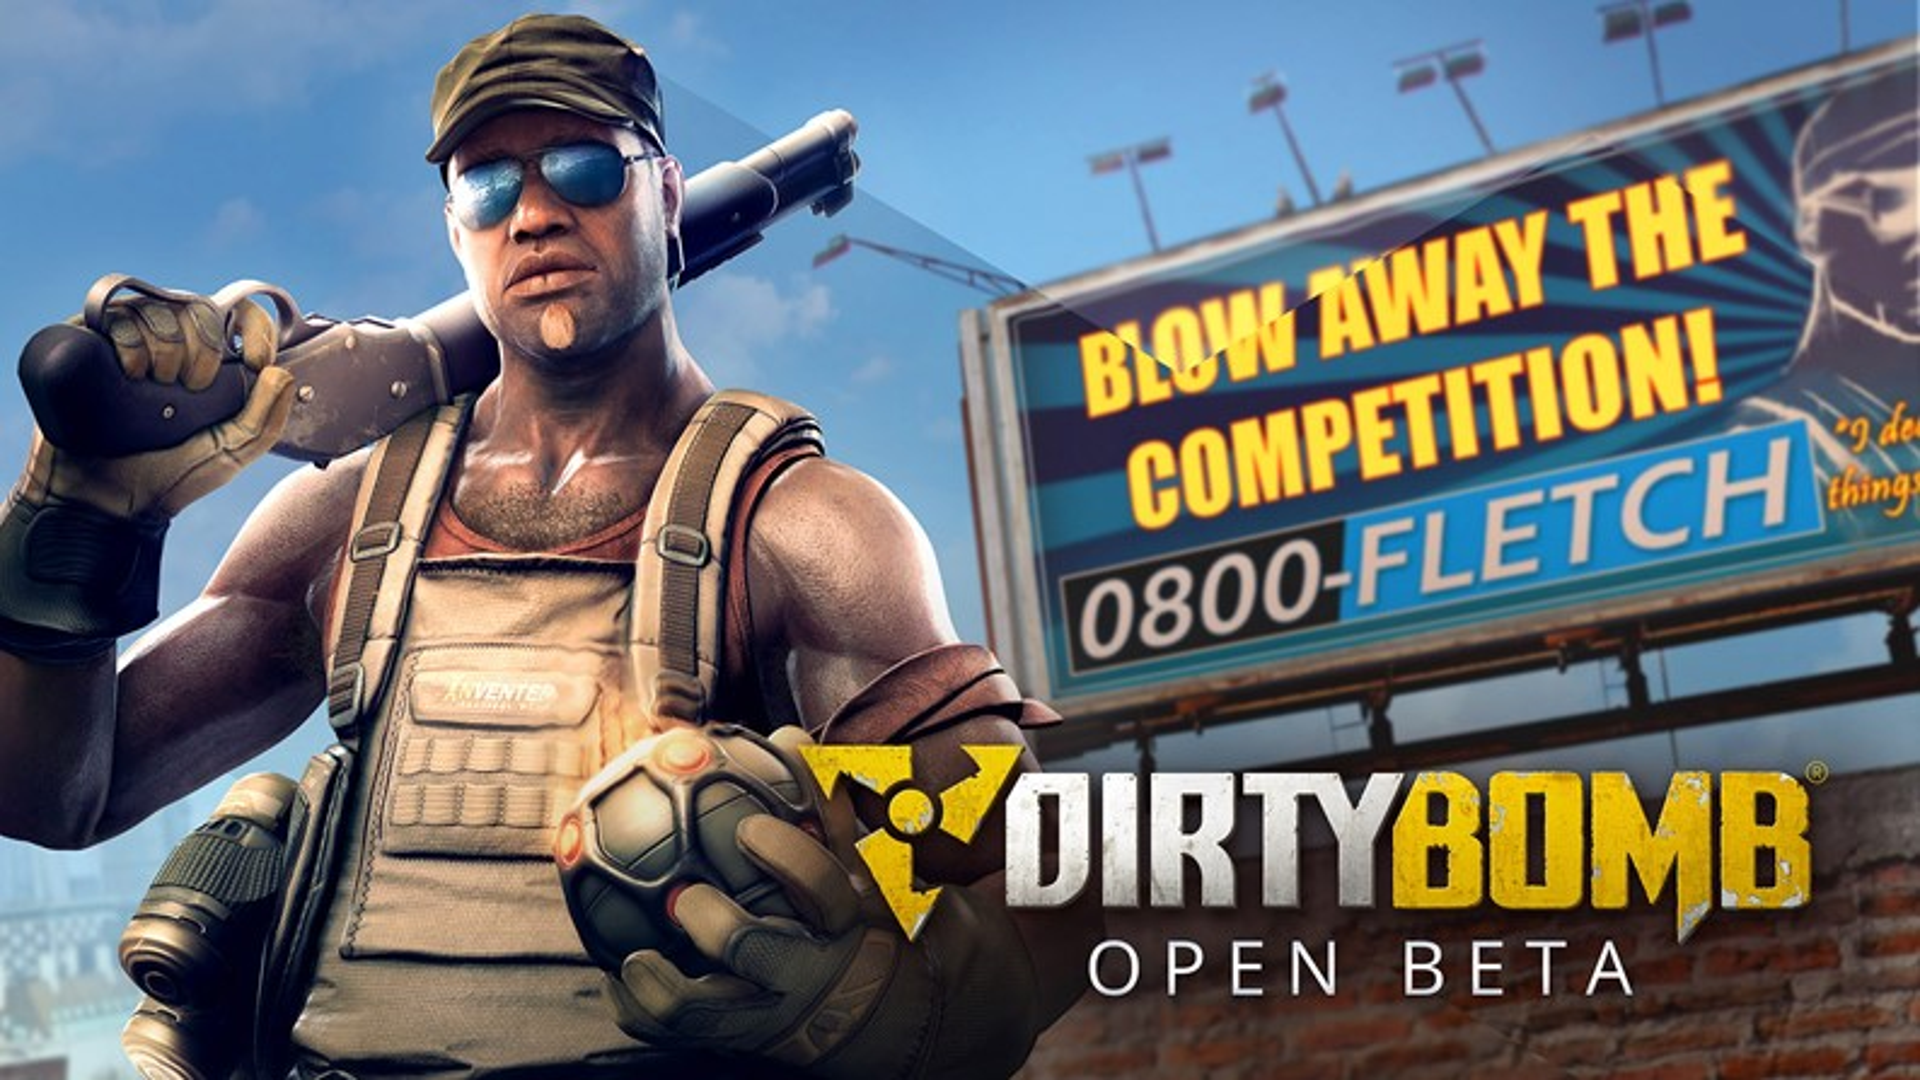 Liberadas novas imagens para a divulgação da 'Open Beta' de Dirty Bomb